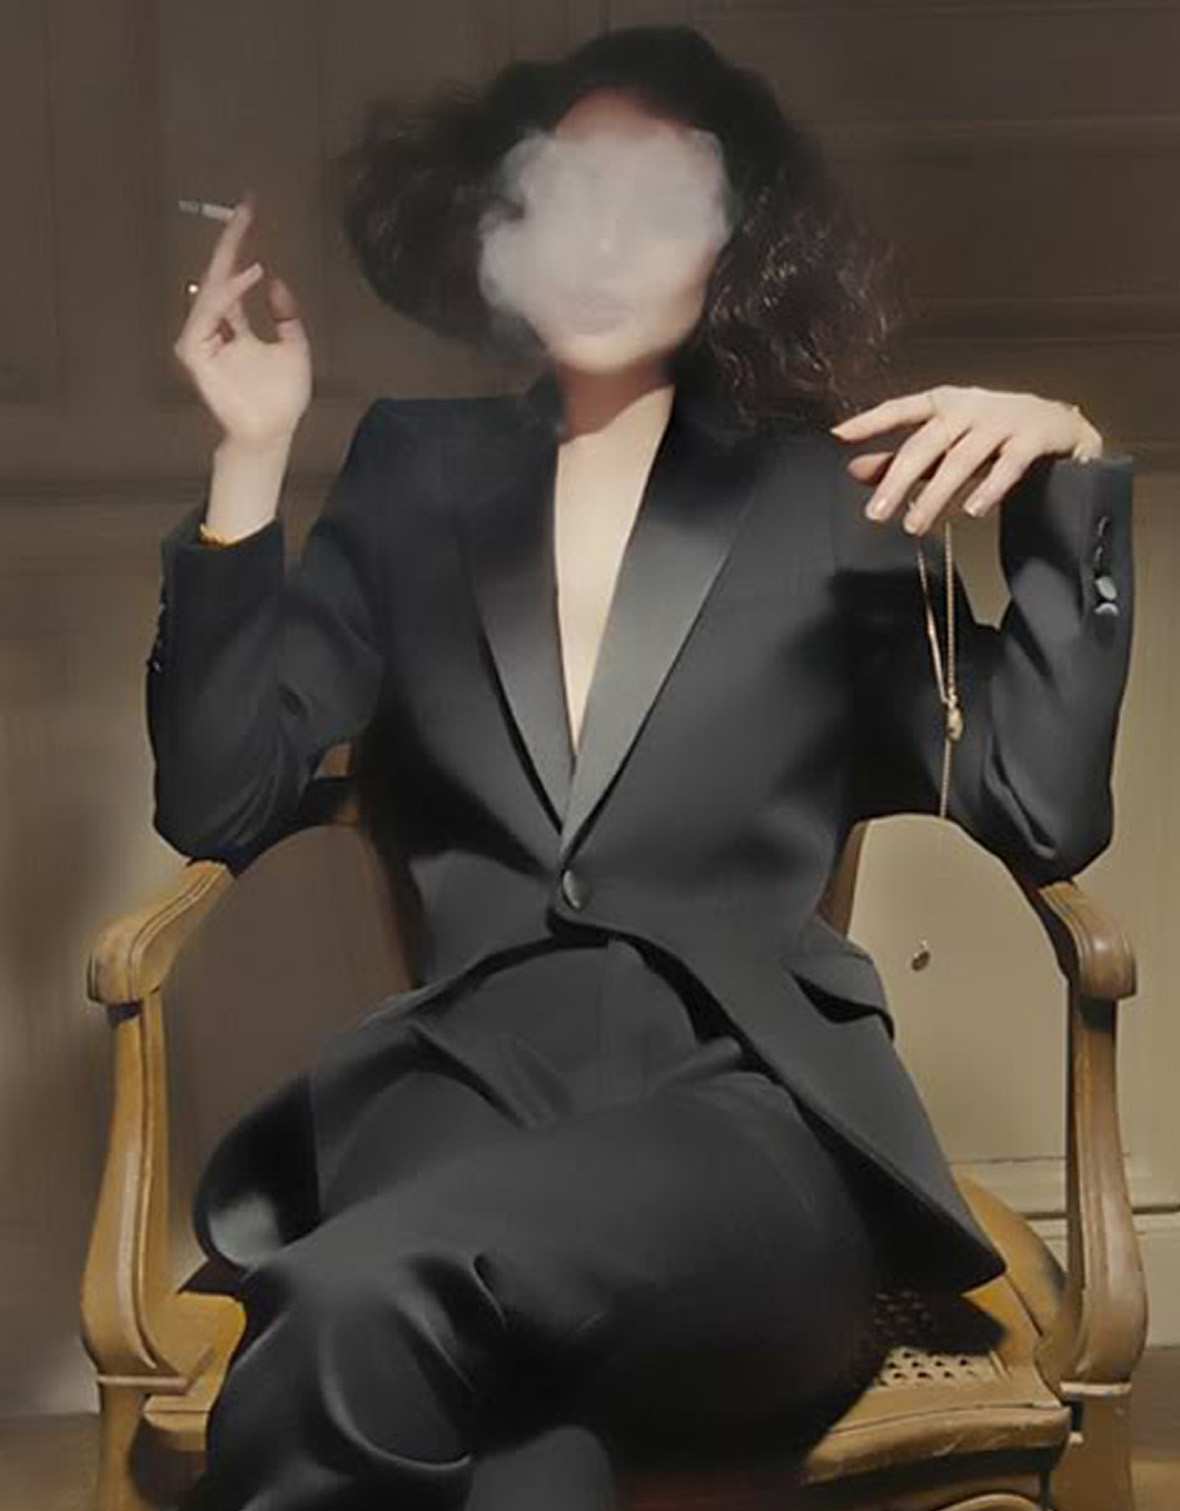 1180x1511, 187 Kb / сигарета, дым, костюм, стул, кулон